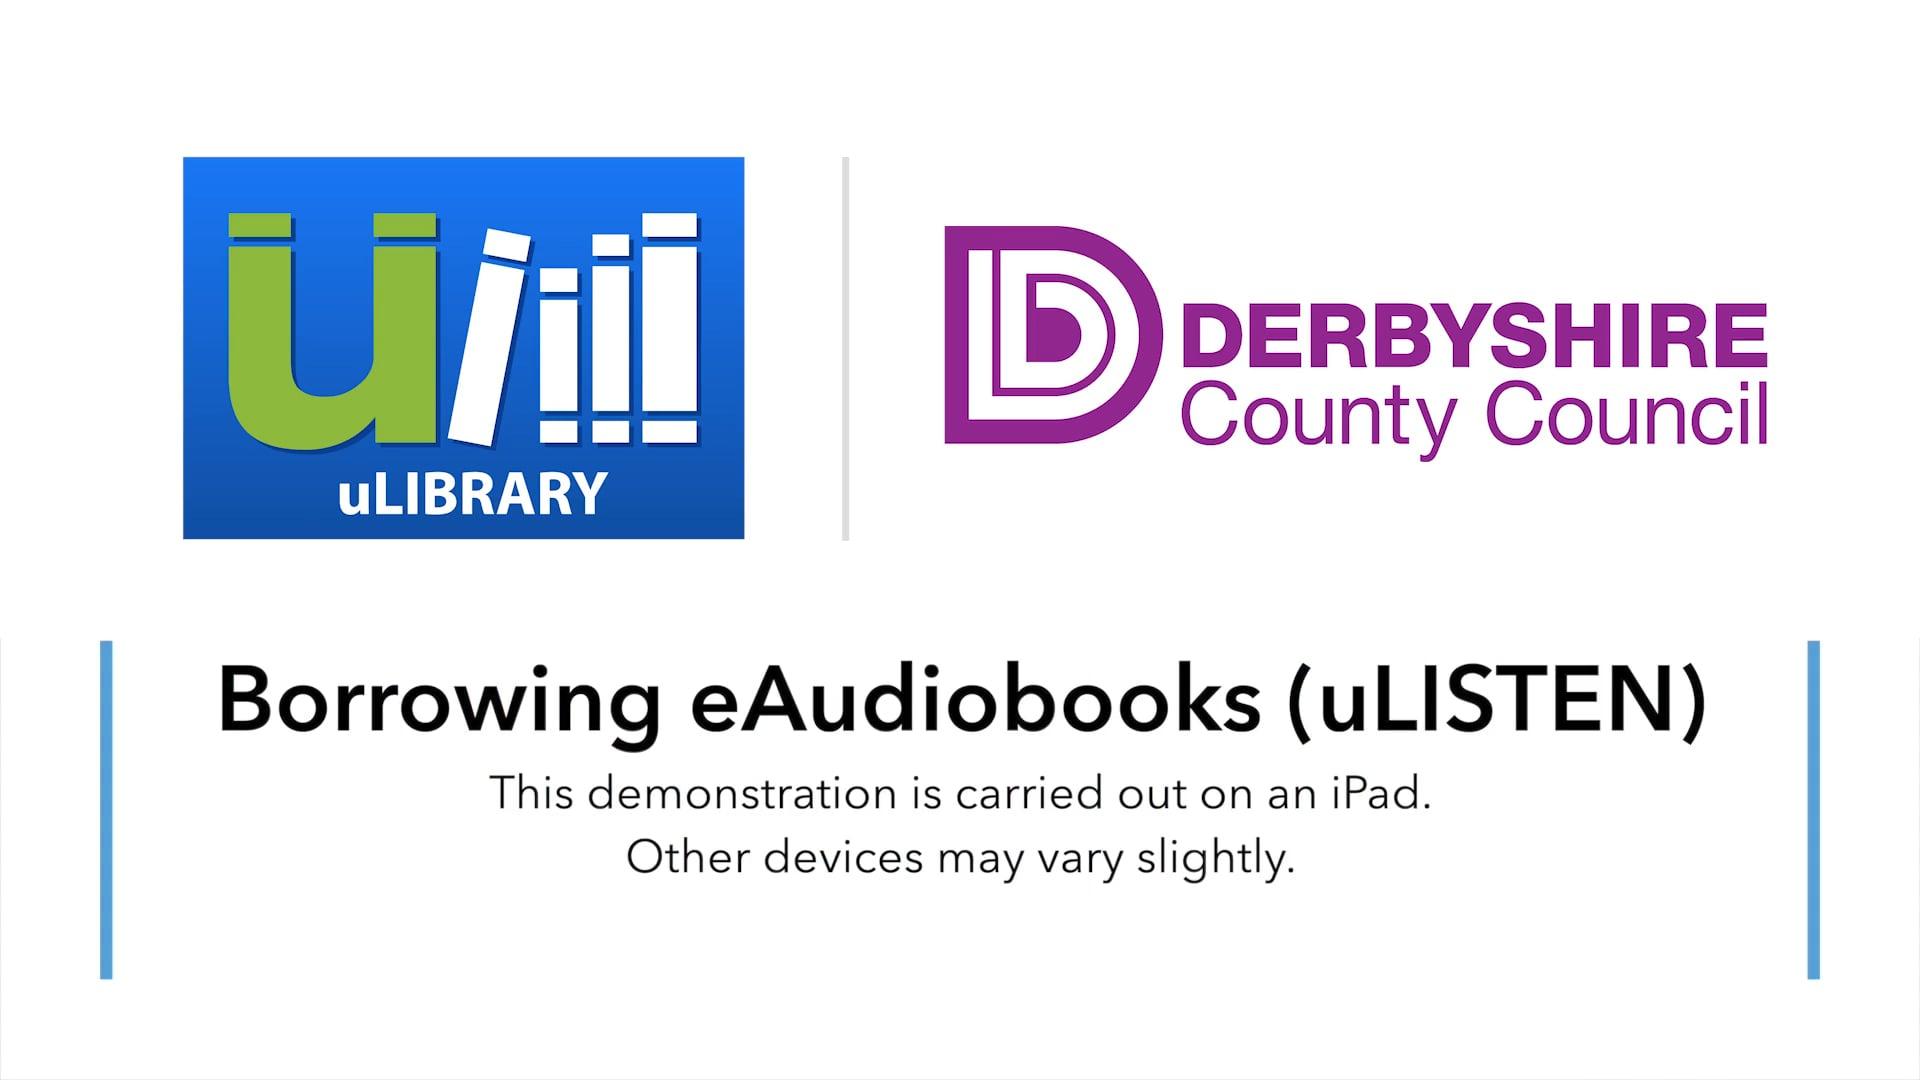 Borrowing Audiobooks On uLIBRARY (uLISTEN)